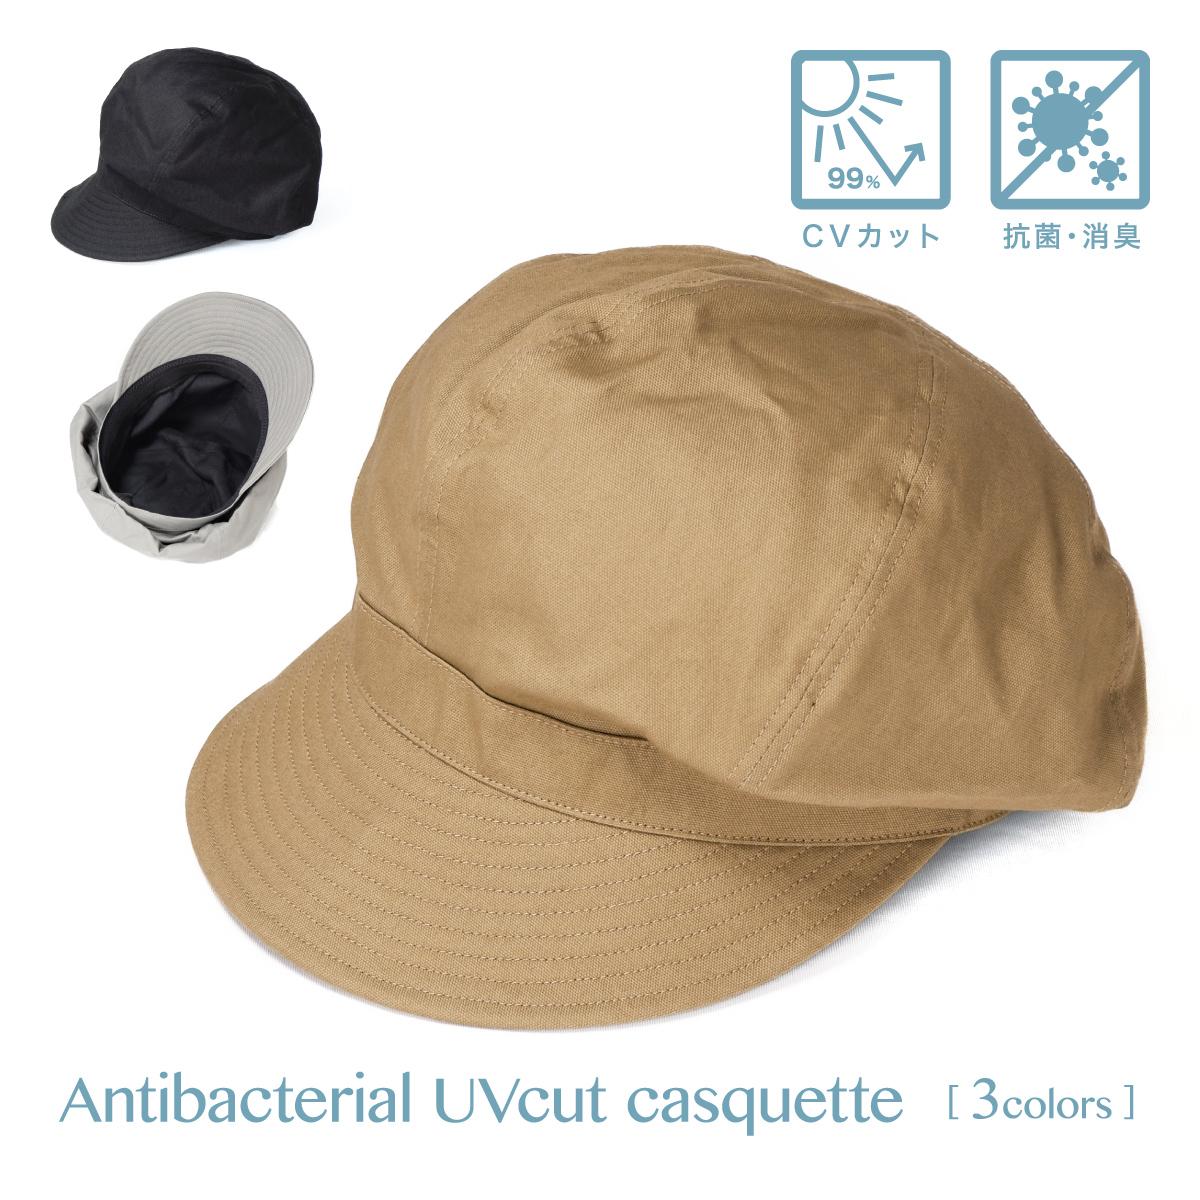 抗菌UVカットキャスケット